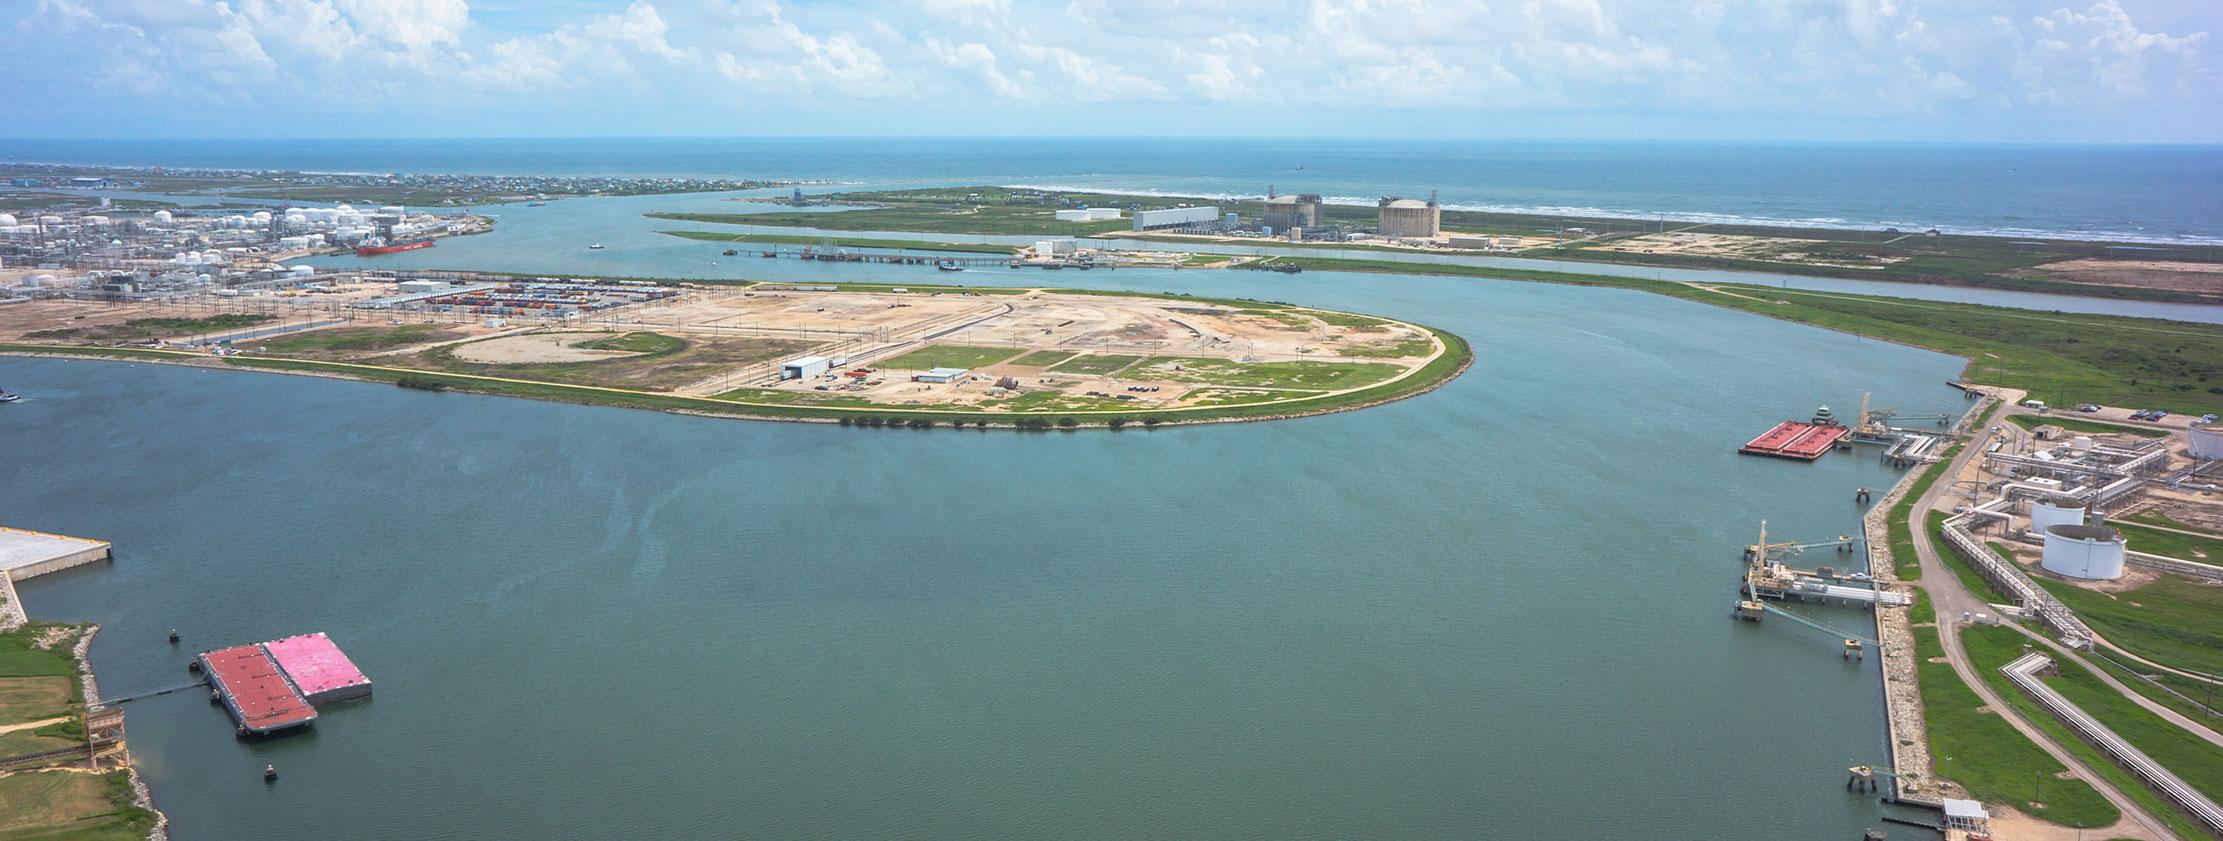 port freeport tx tenants